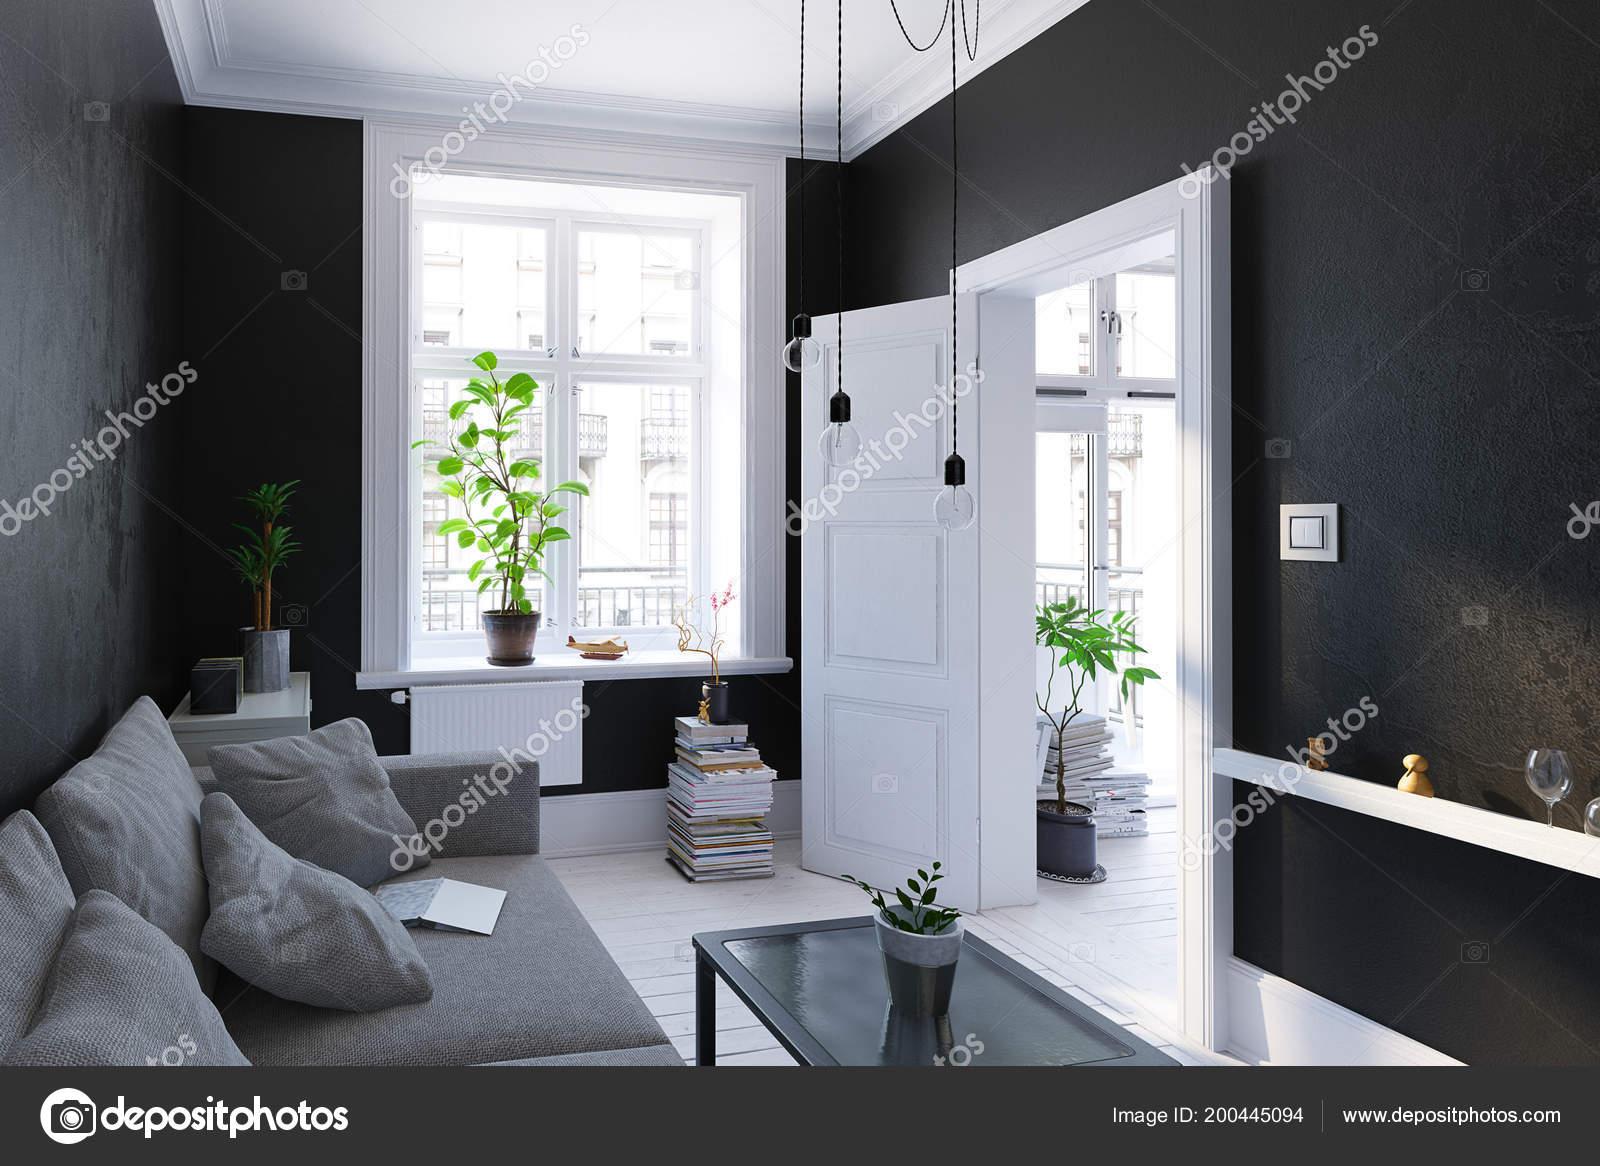 Schwarzes Wohnzimmer Interieur Skandinavischen Stil Render